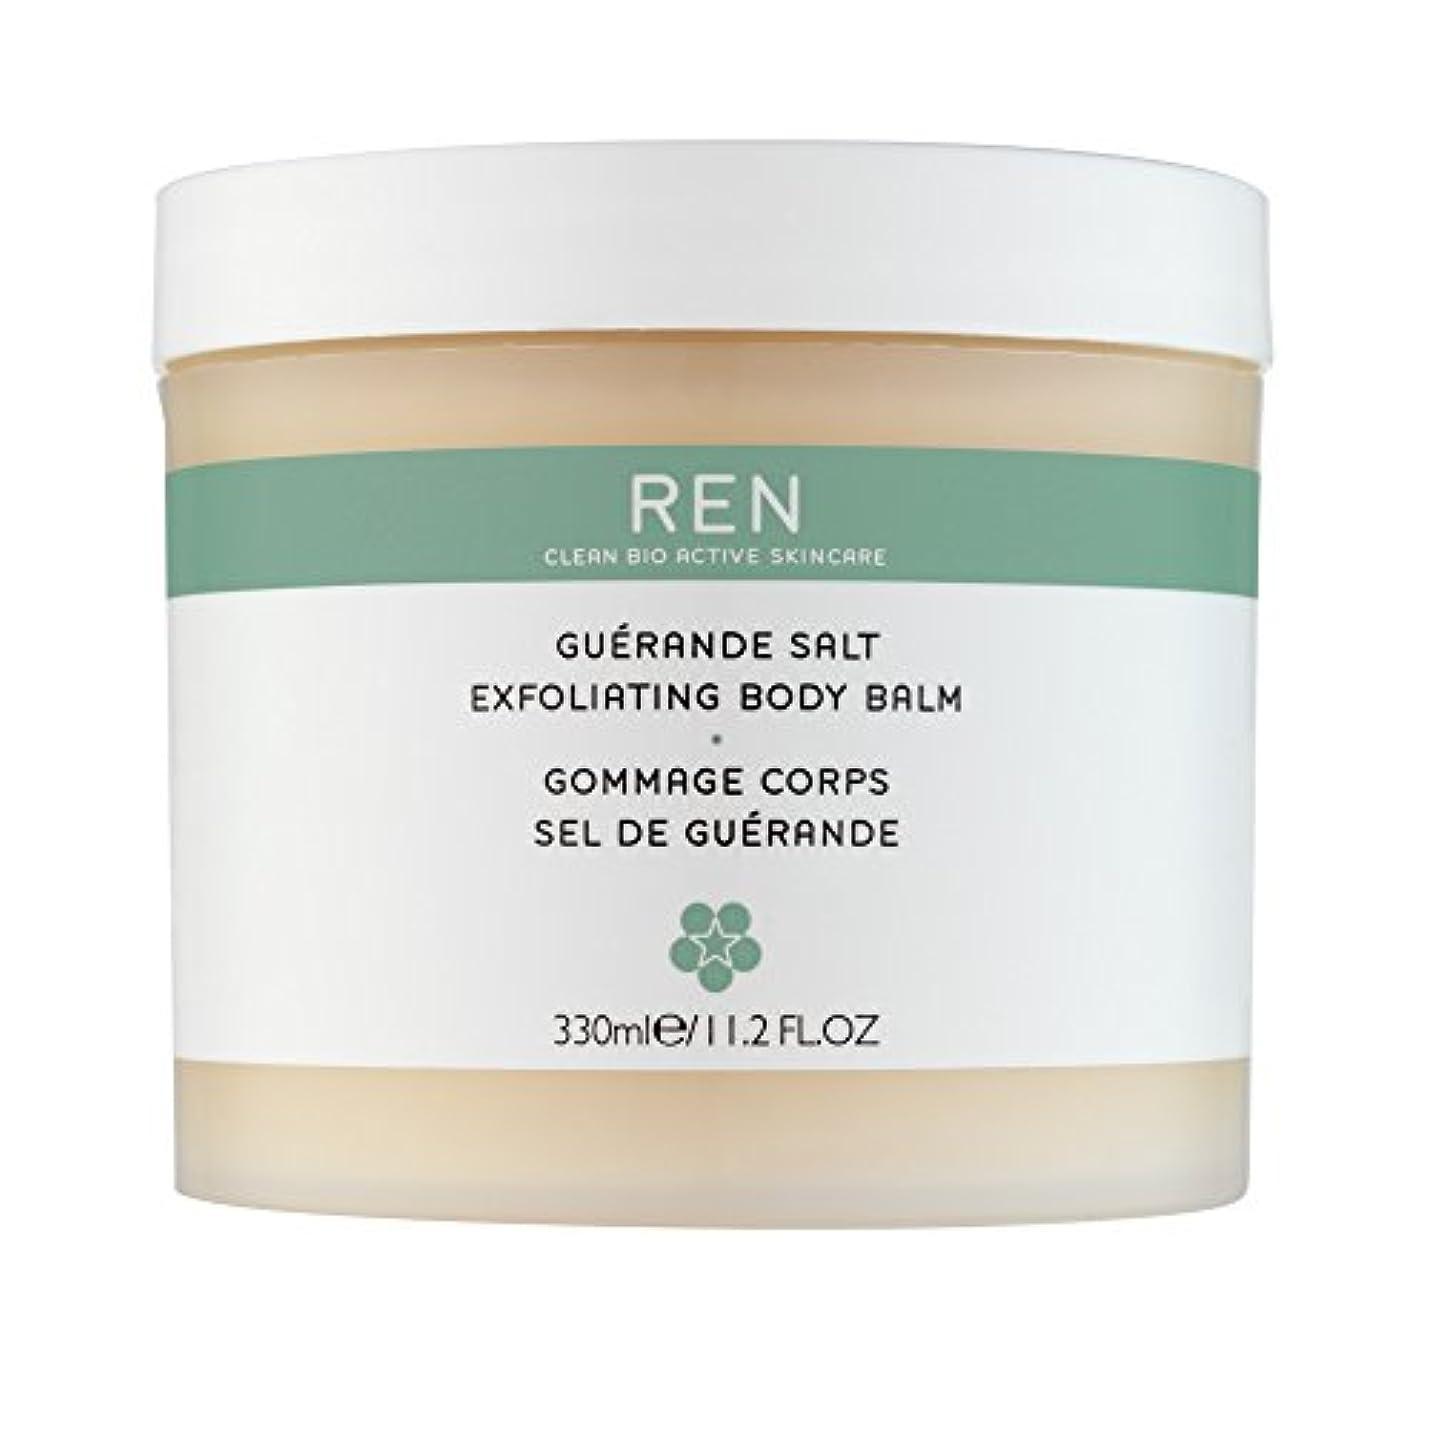 同情グラム不適切なRenゲランド塩の角質除去ボディバーム330ミリリットル (REN) (x2) - REN Guerande Salt Exfoliating Body Balm 330ml (Pack of 2) [並行輸入品]